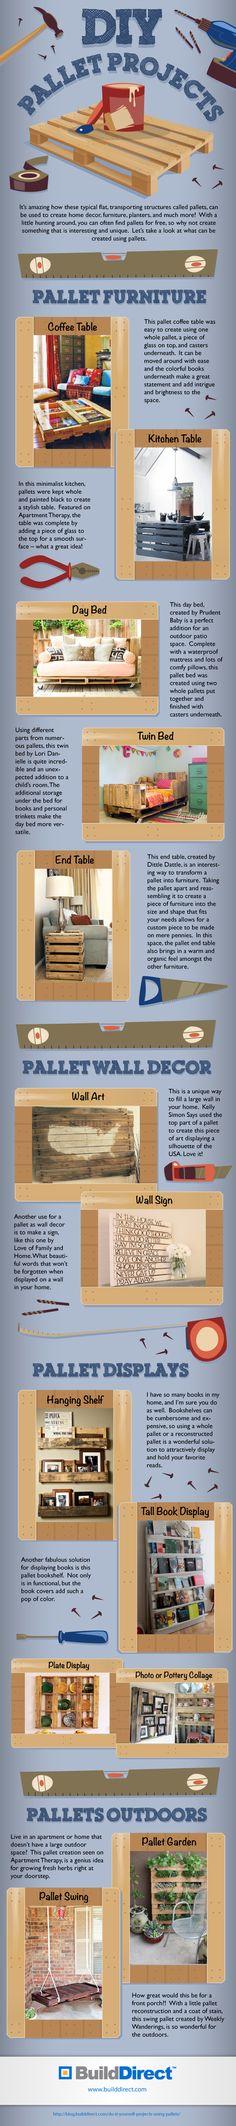 DIY avec palettes